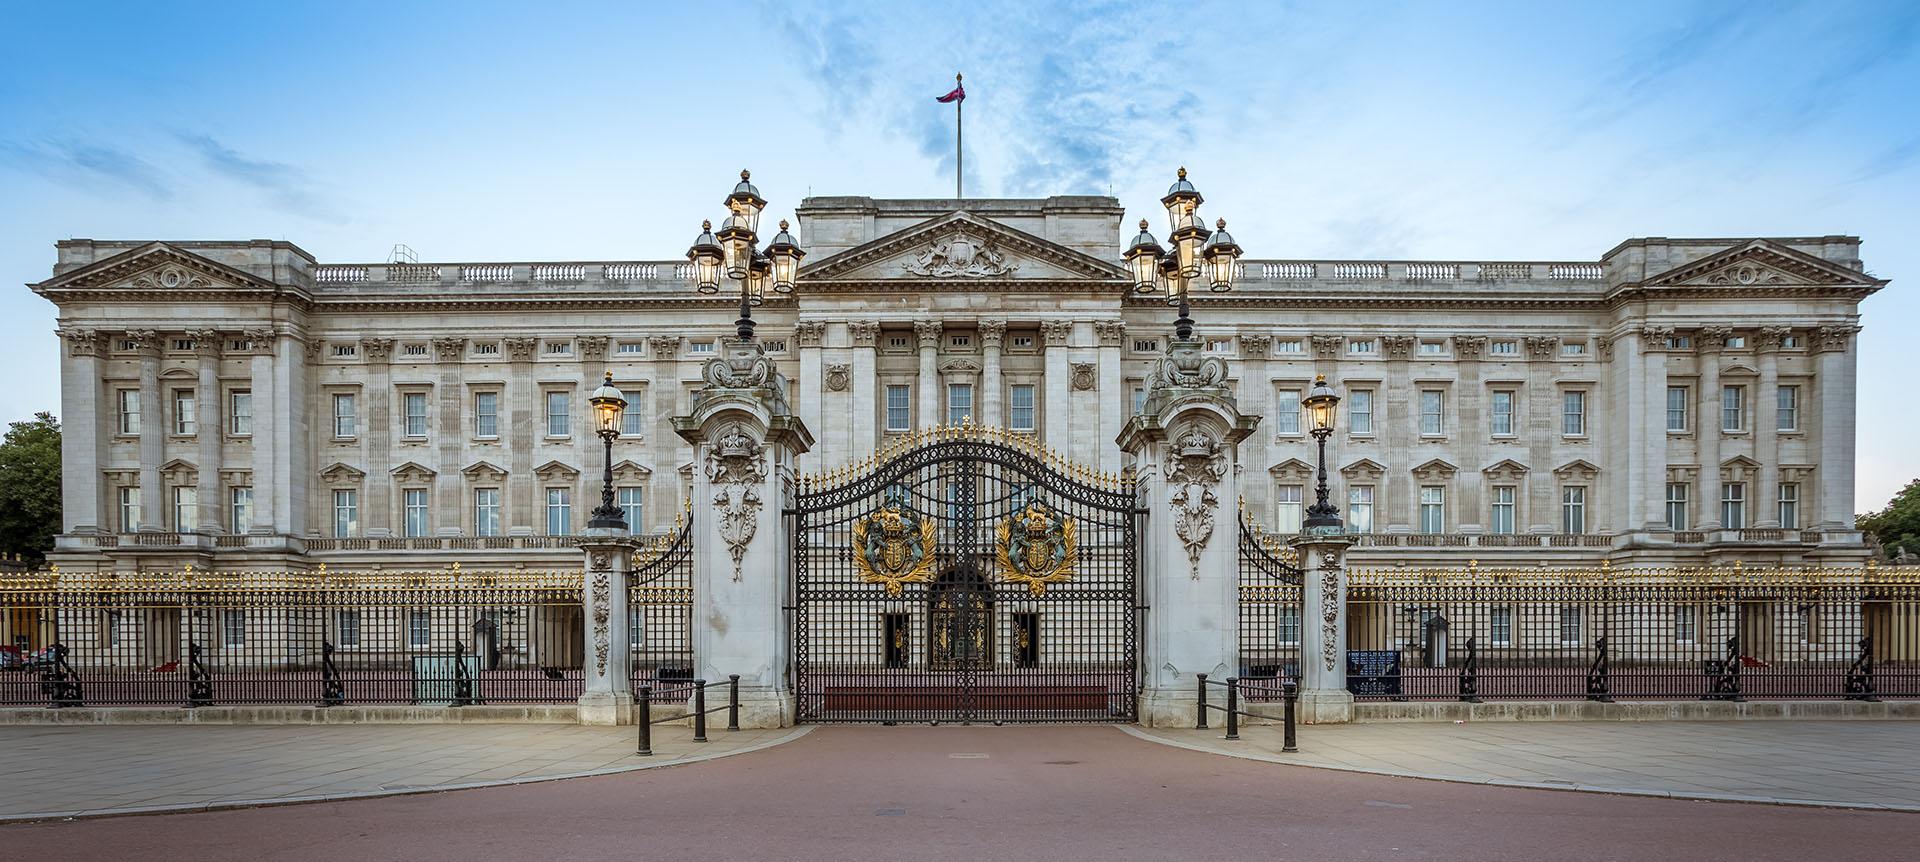 El Palacio de Buckingham es la residencia oficial del monarca británico en Londres, Reino Unido